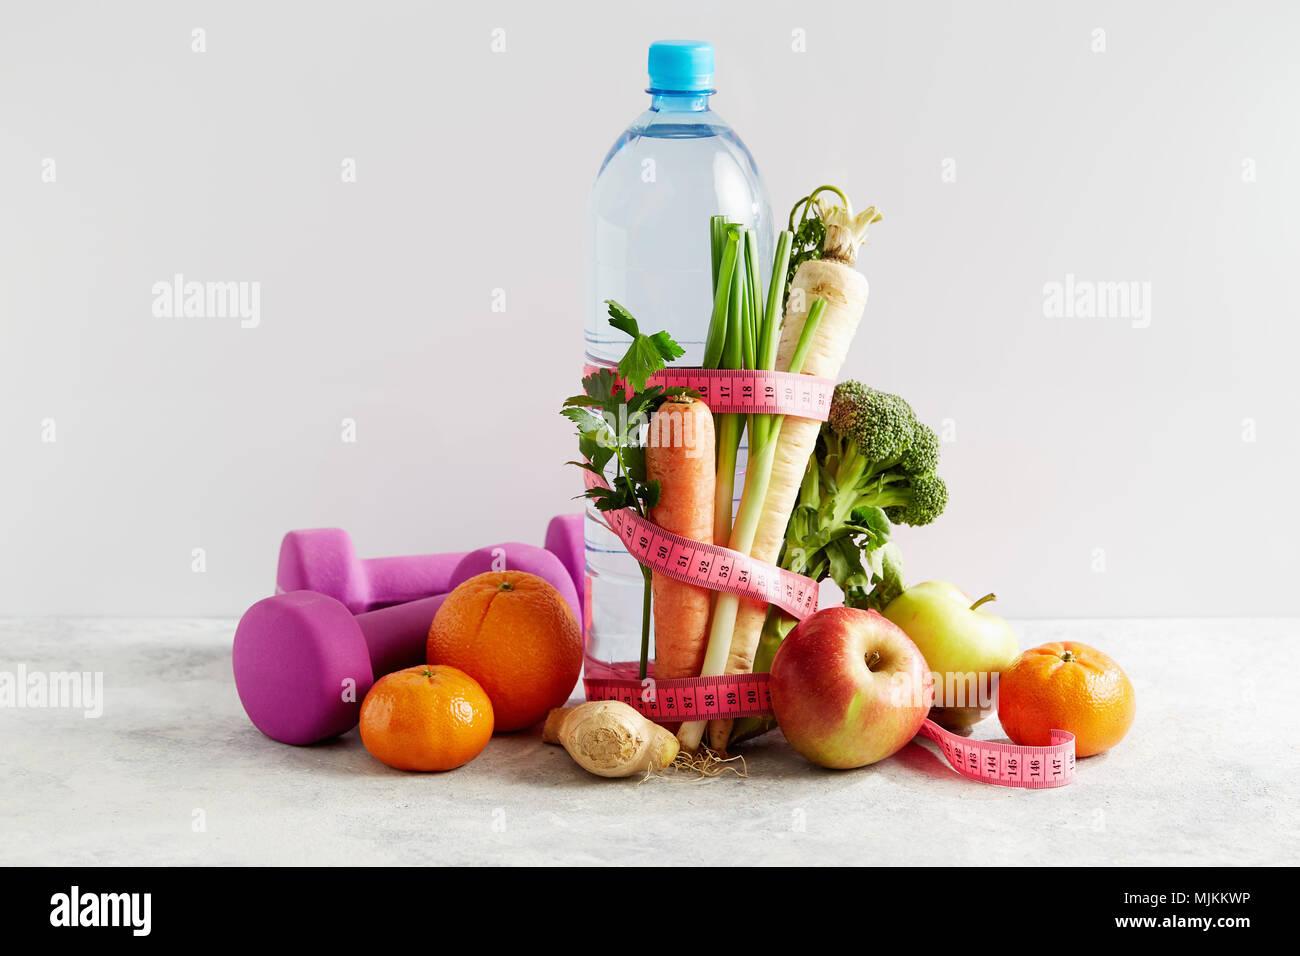 Bouteille de l'eau avec un ruban rose, légumes et fruits. Concept de la santé, de l'alimentation et la nutrition. Photo Stock